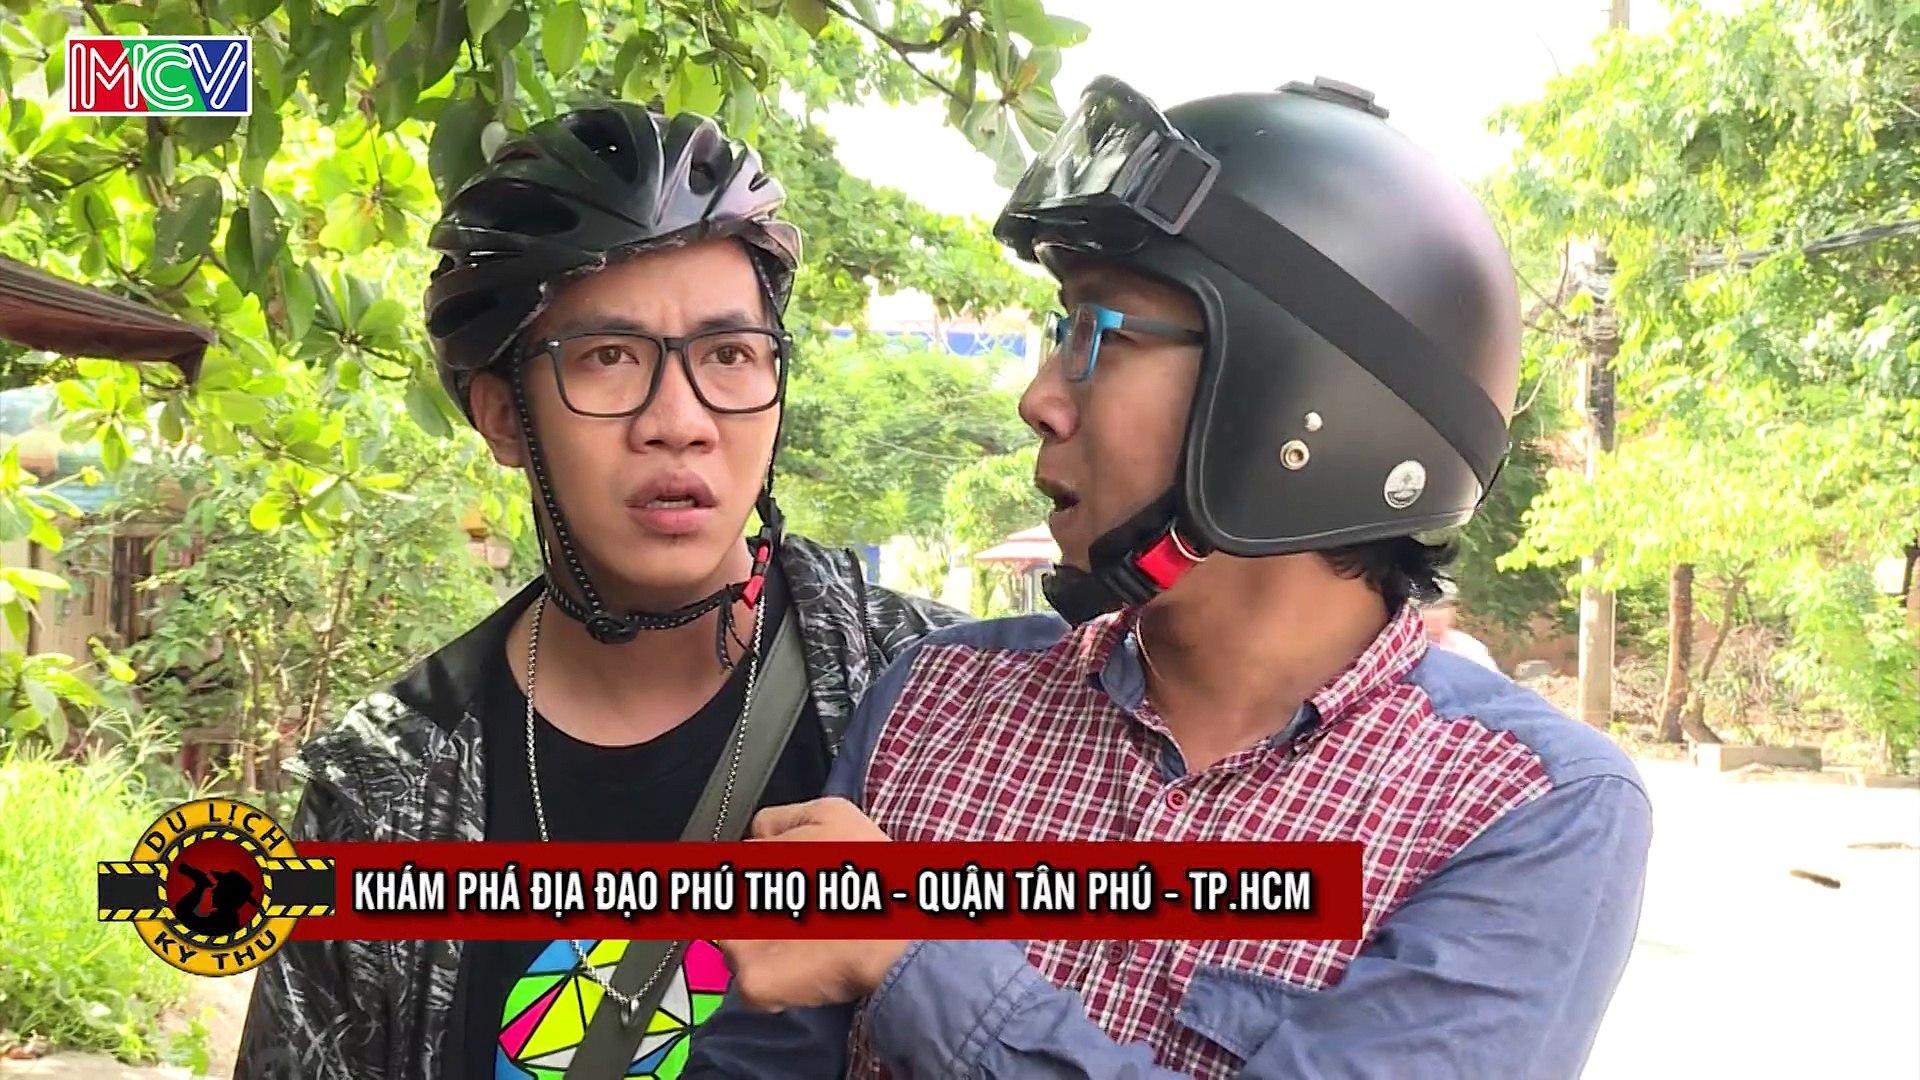 Hoàng Rapper - Mây hài hước khám phá địa đạo tại Tp.HCM   DU LỊCH KỲ THÚ   Tập 18   Phần 2